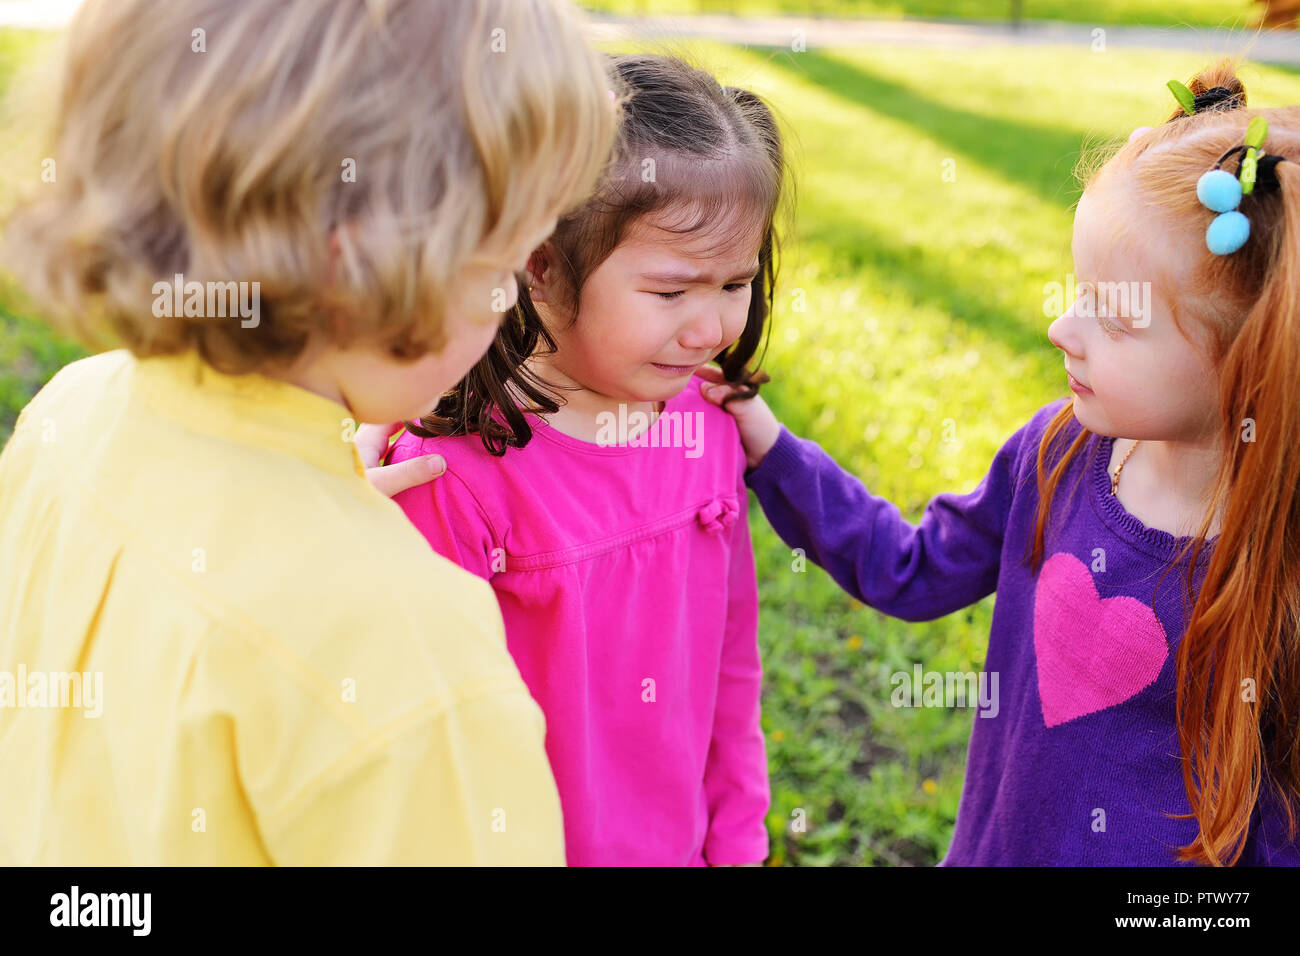 Bambini dispiace per un pianto bambina. Infanzia, amici, piangere, amicizia, peccato, sentimenti di compassione Immagini Stock